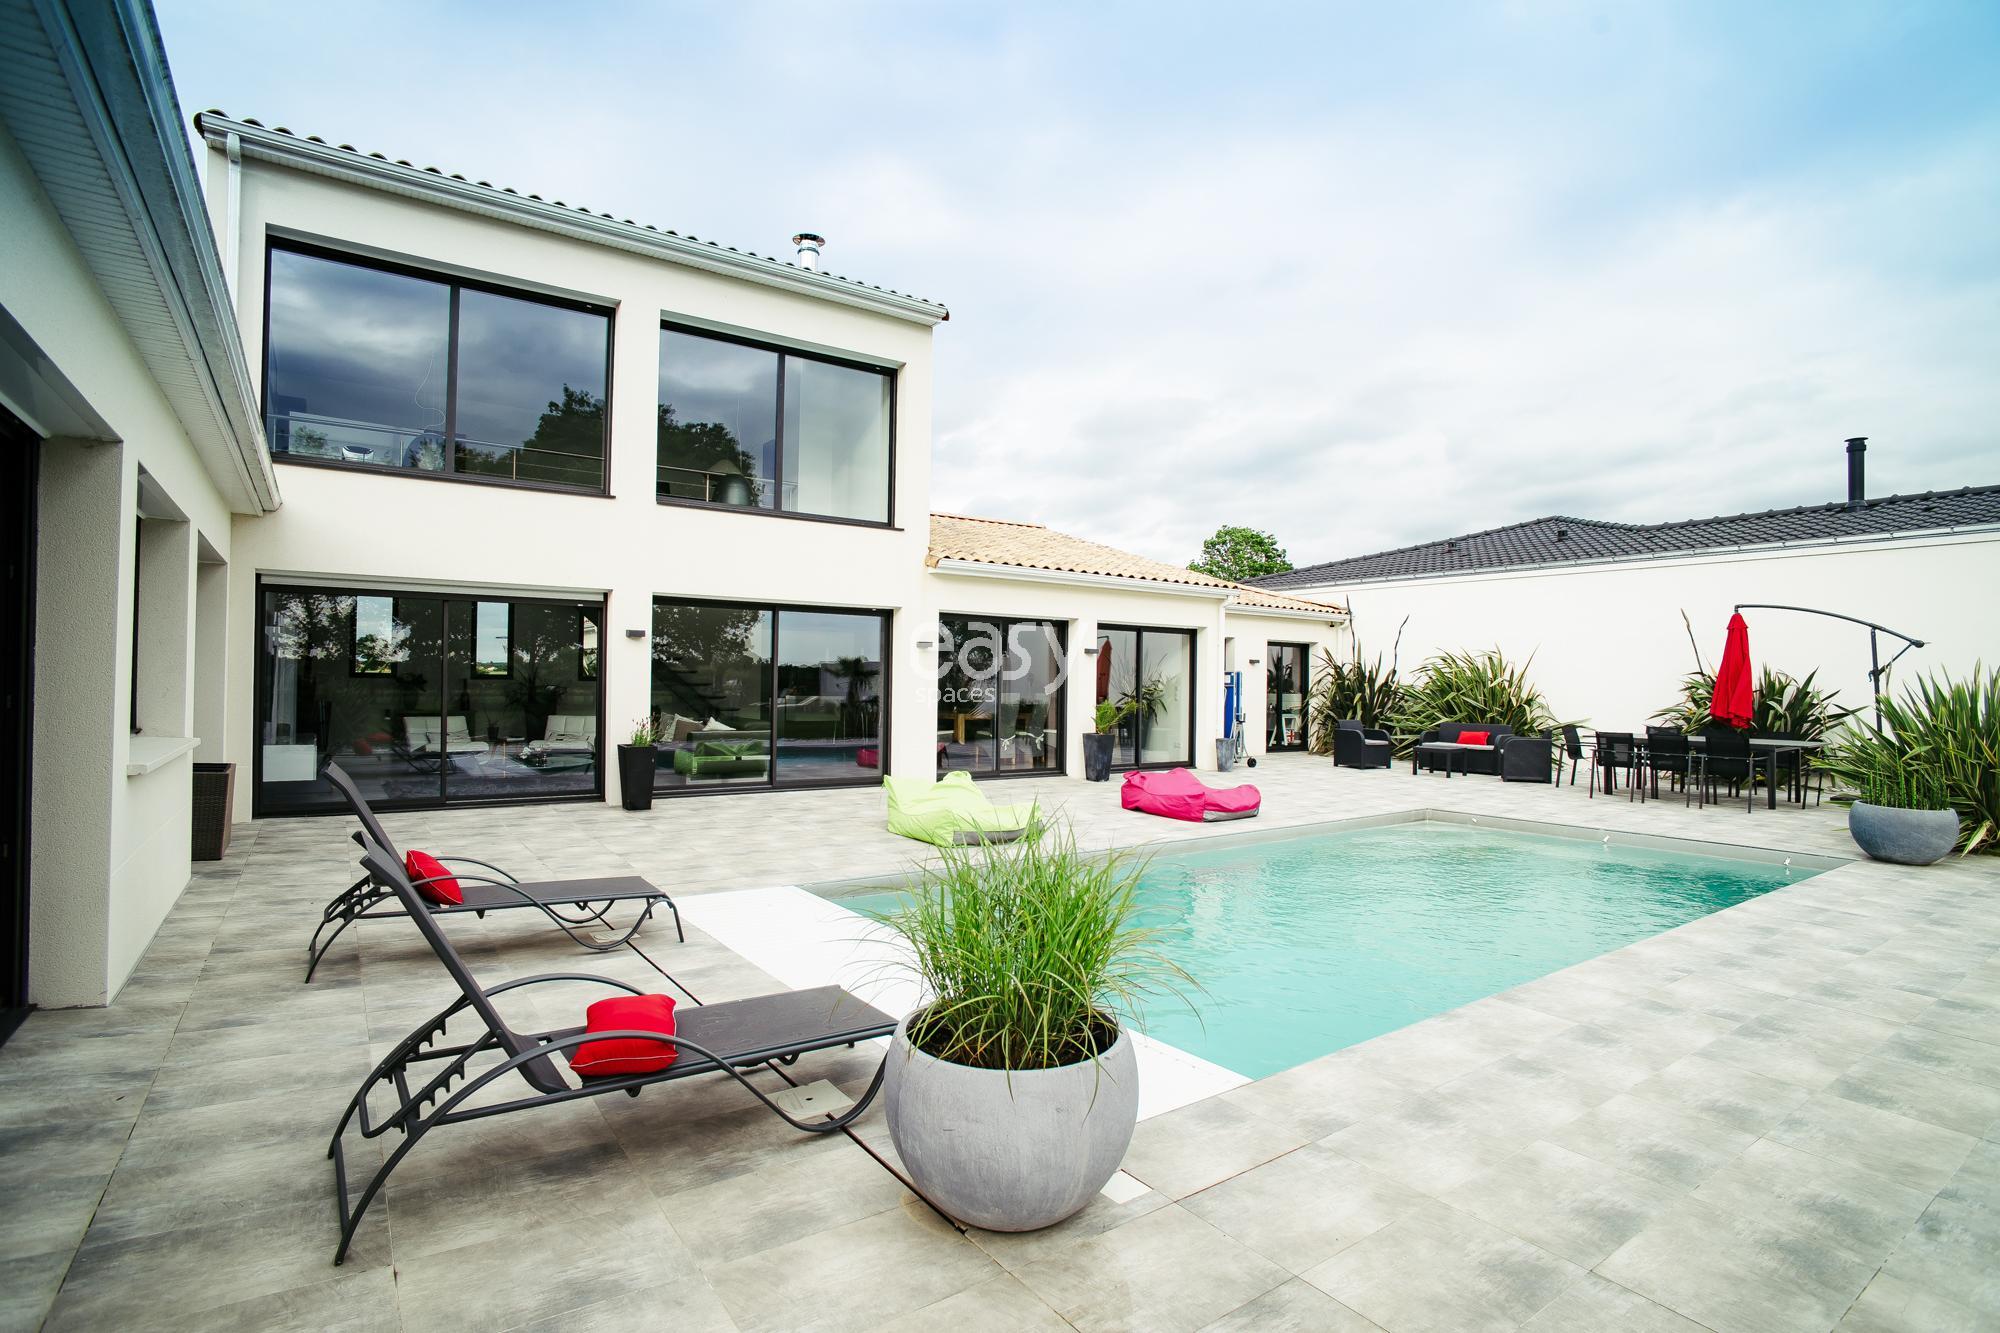 Maison contemporaine 200m2 maison moderne for Maison contemporaine 200m2